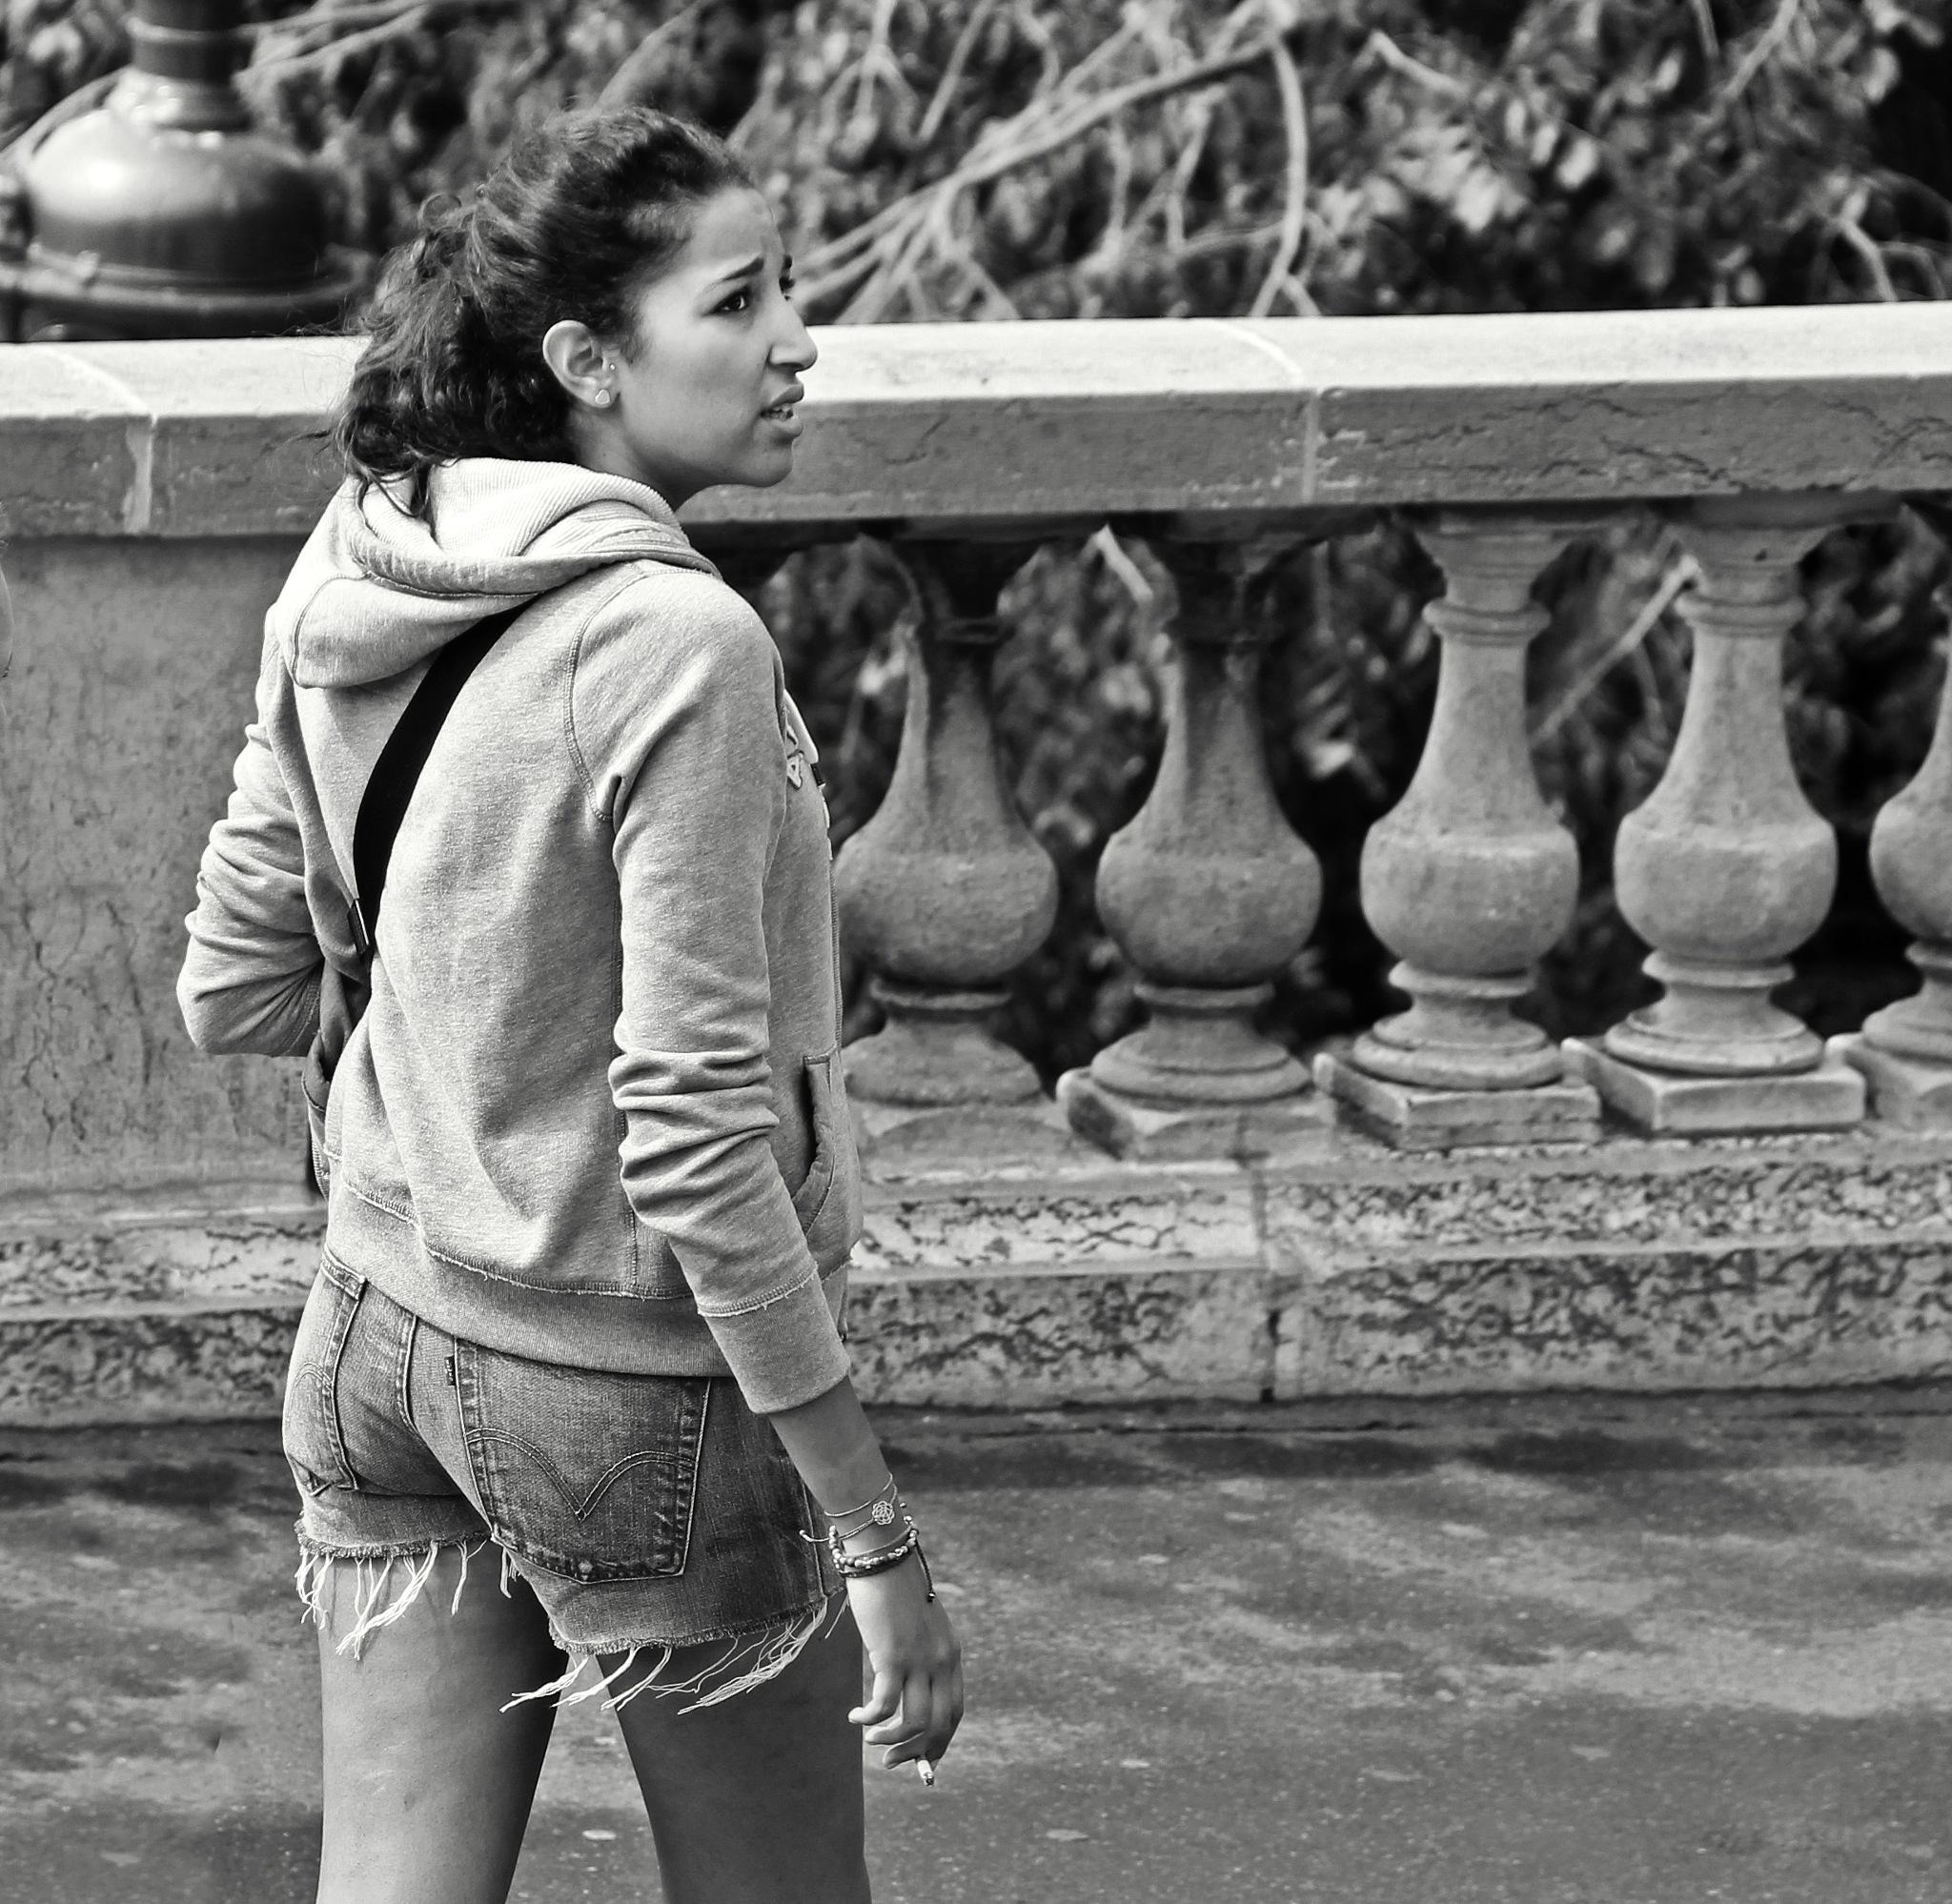 Girl at Montmartre by Сергей Юрьев